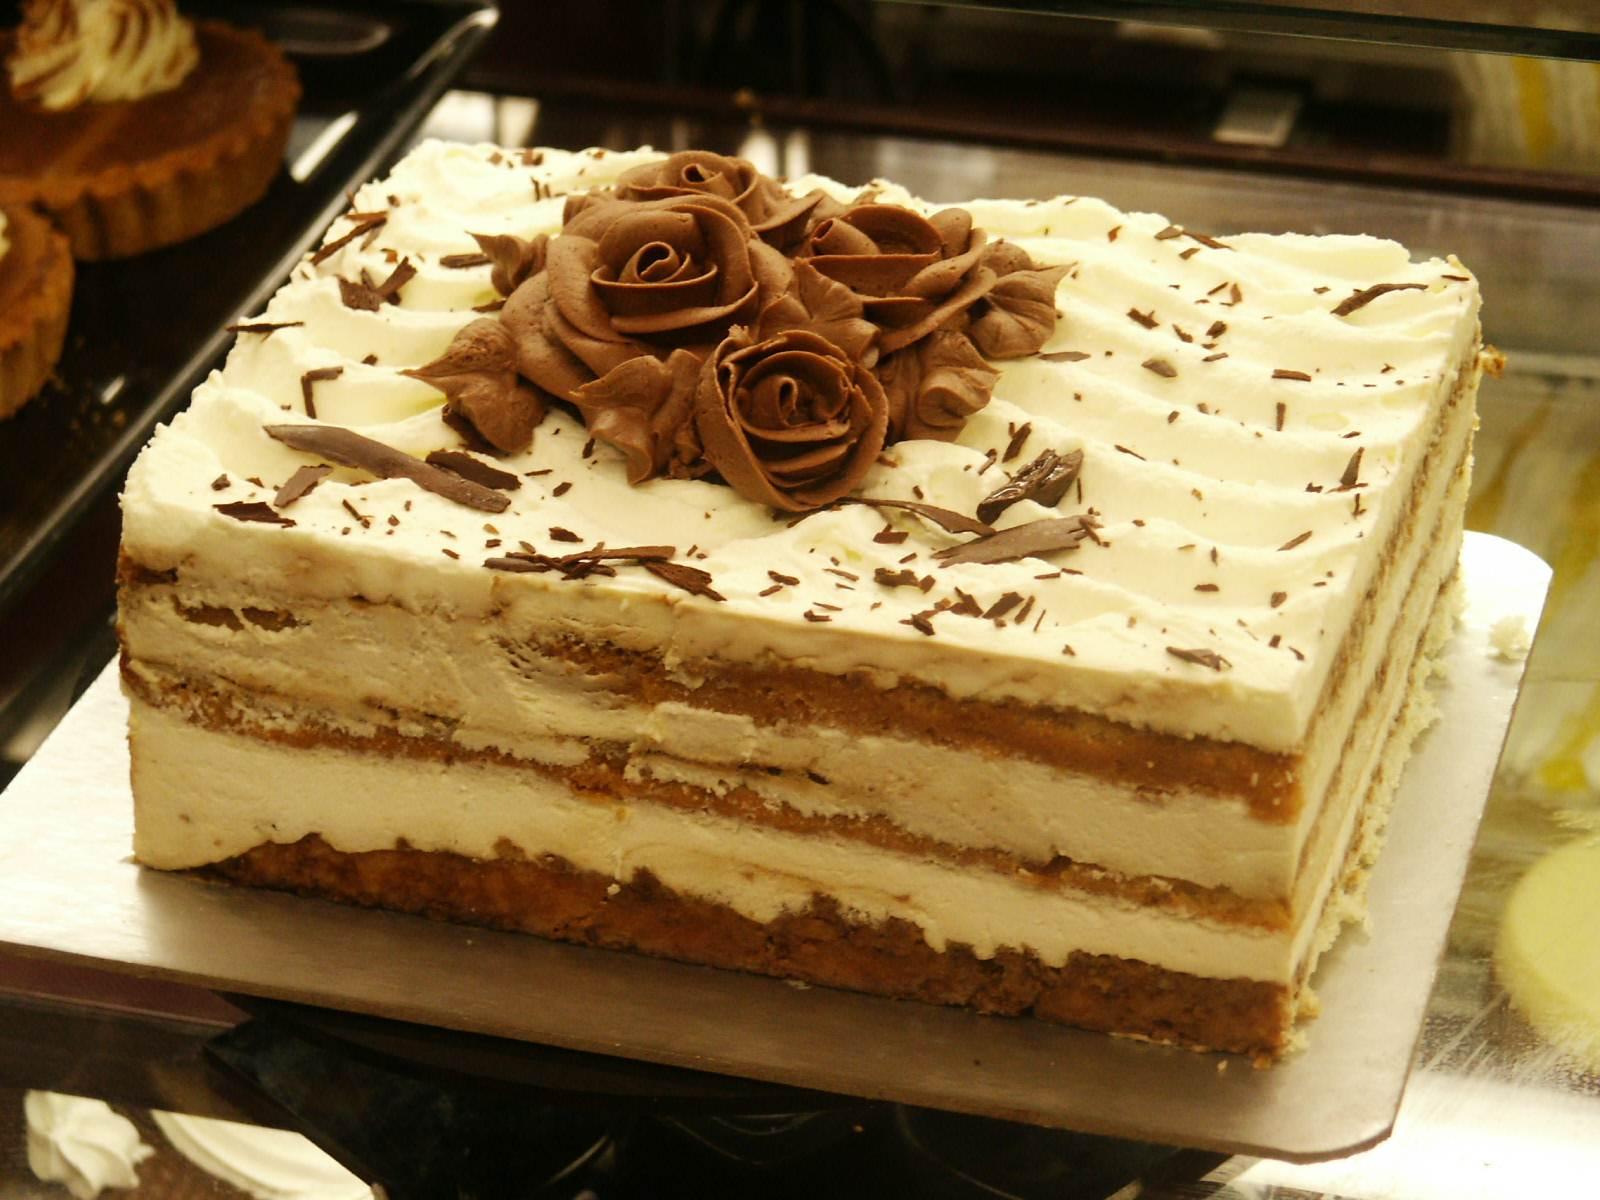 Крем з маскарпоне для торта: рецепти з фото